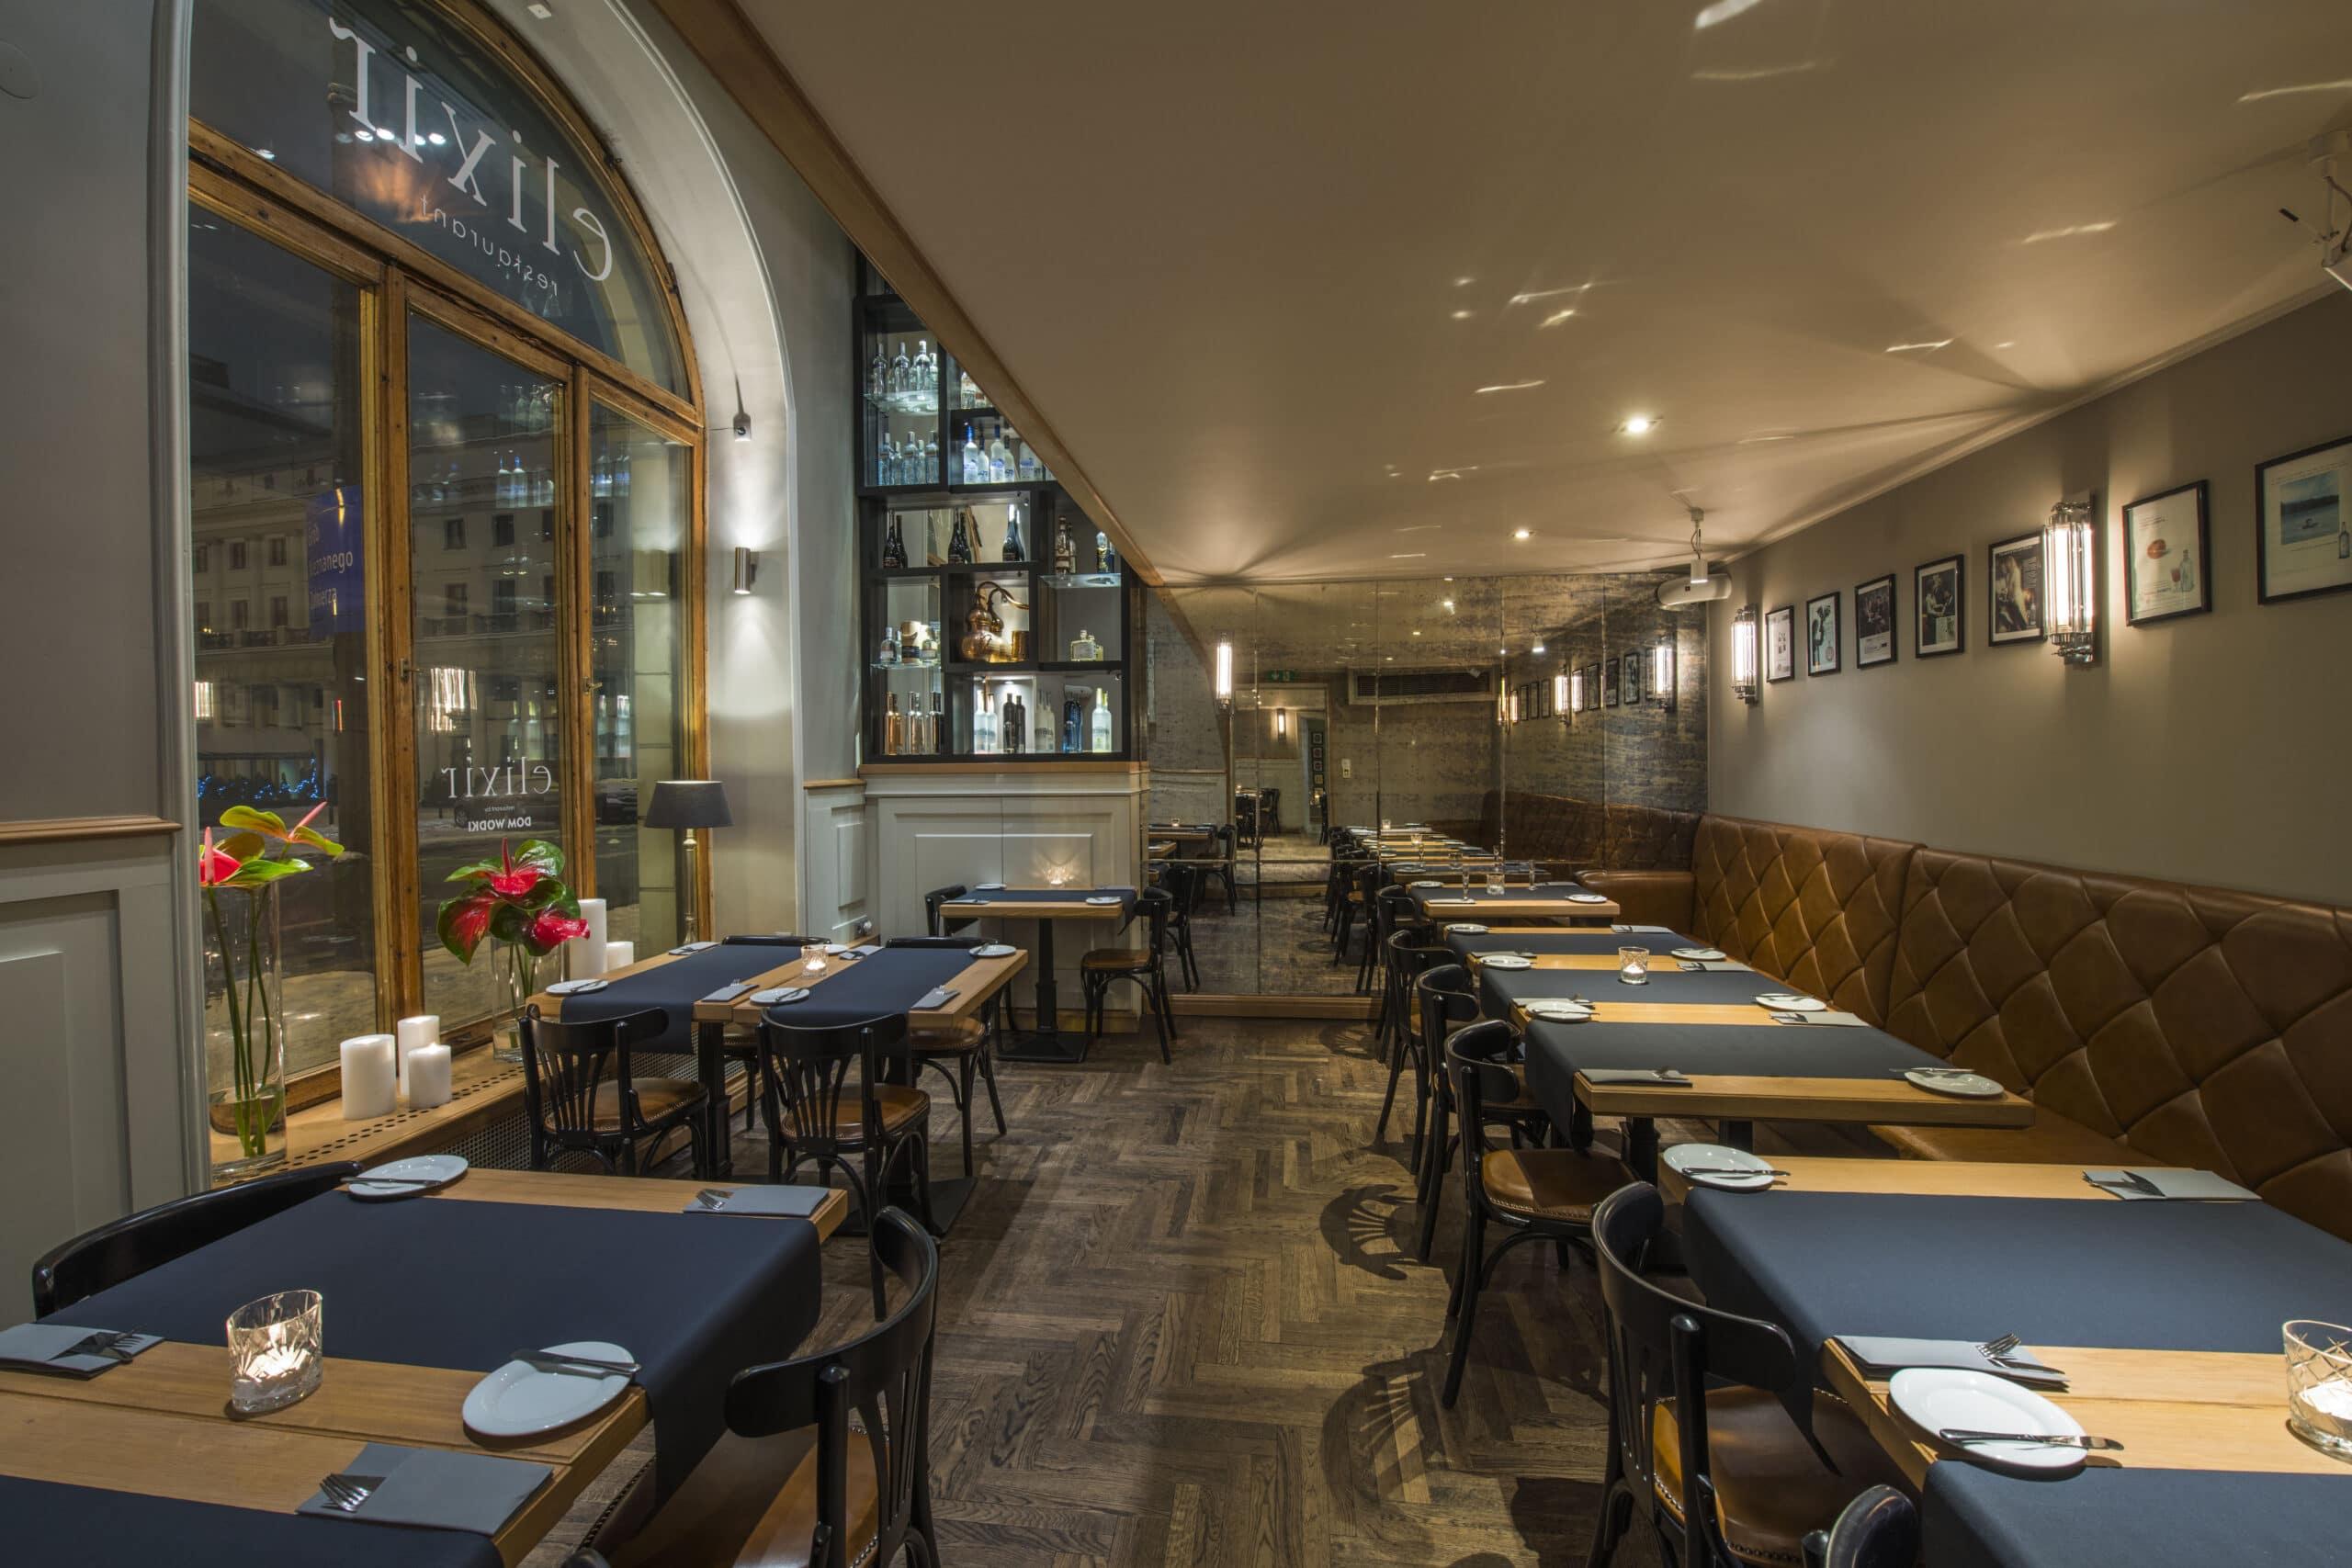 wnętrze restauracji z nakrytymi stołami, w tle regał z alkoholem